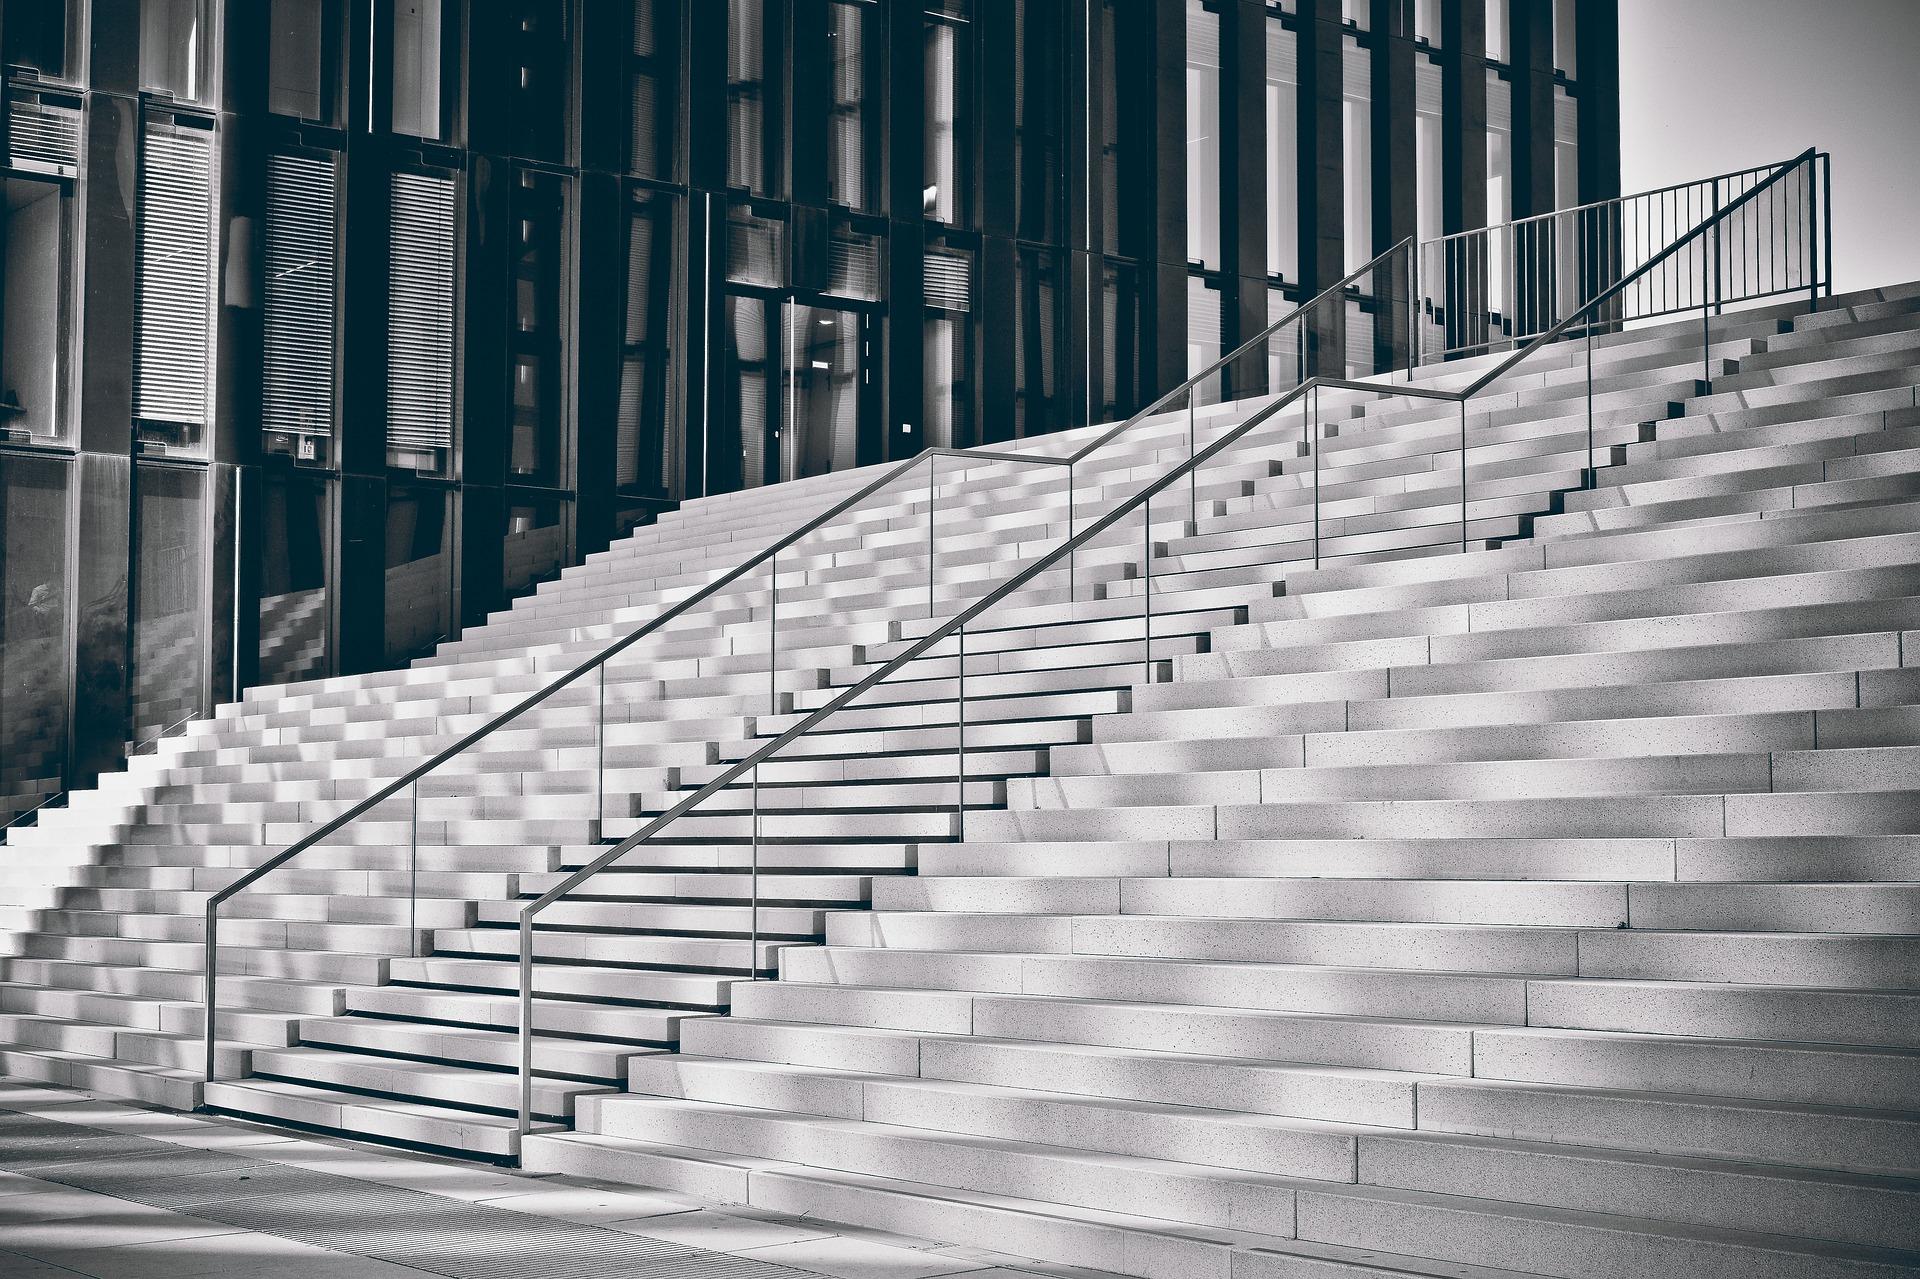 architecture-4155424_1920